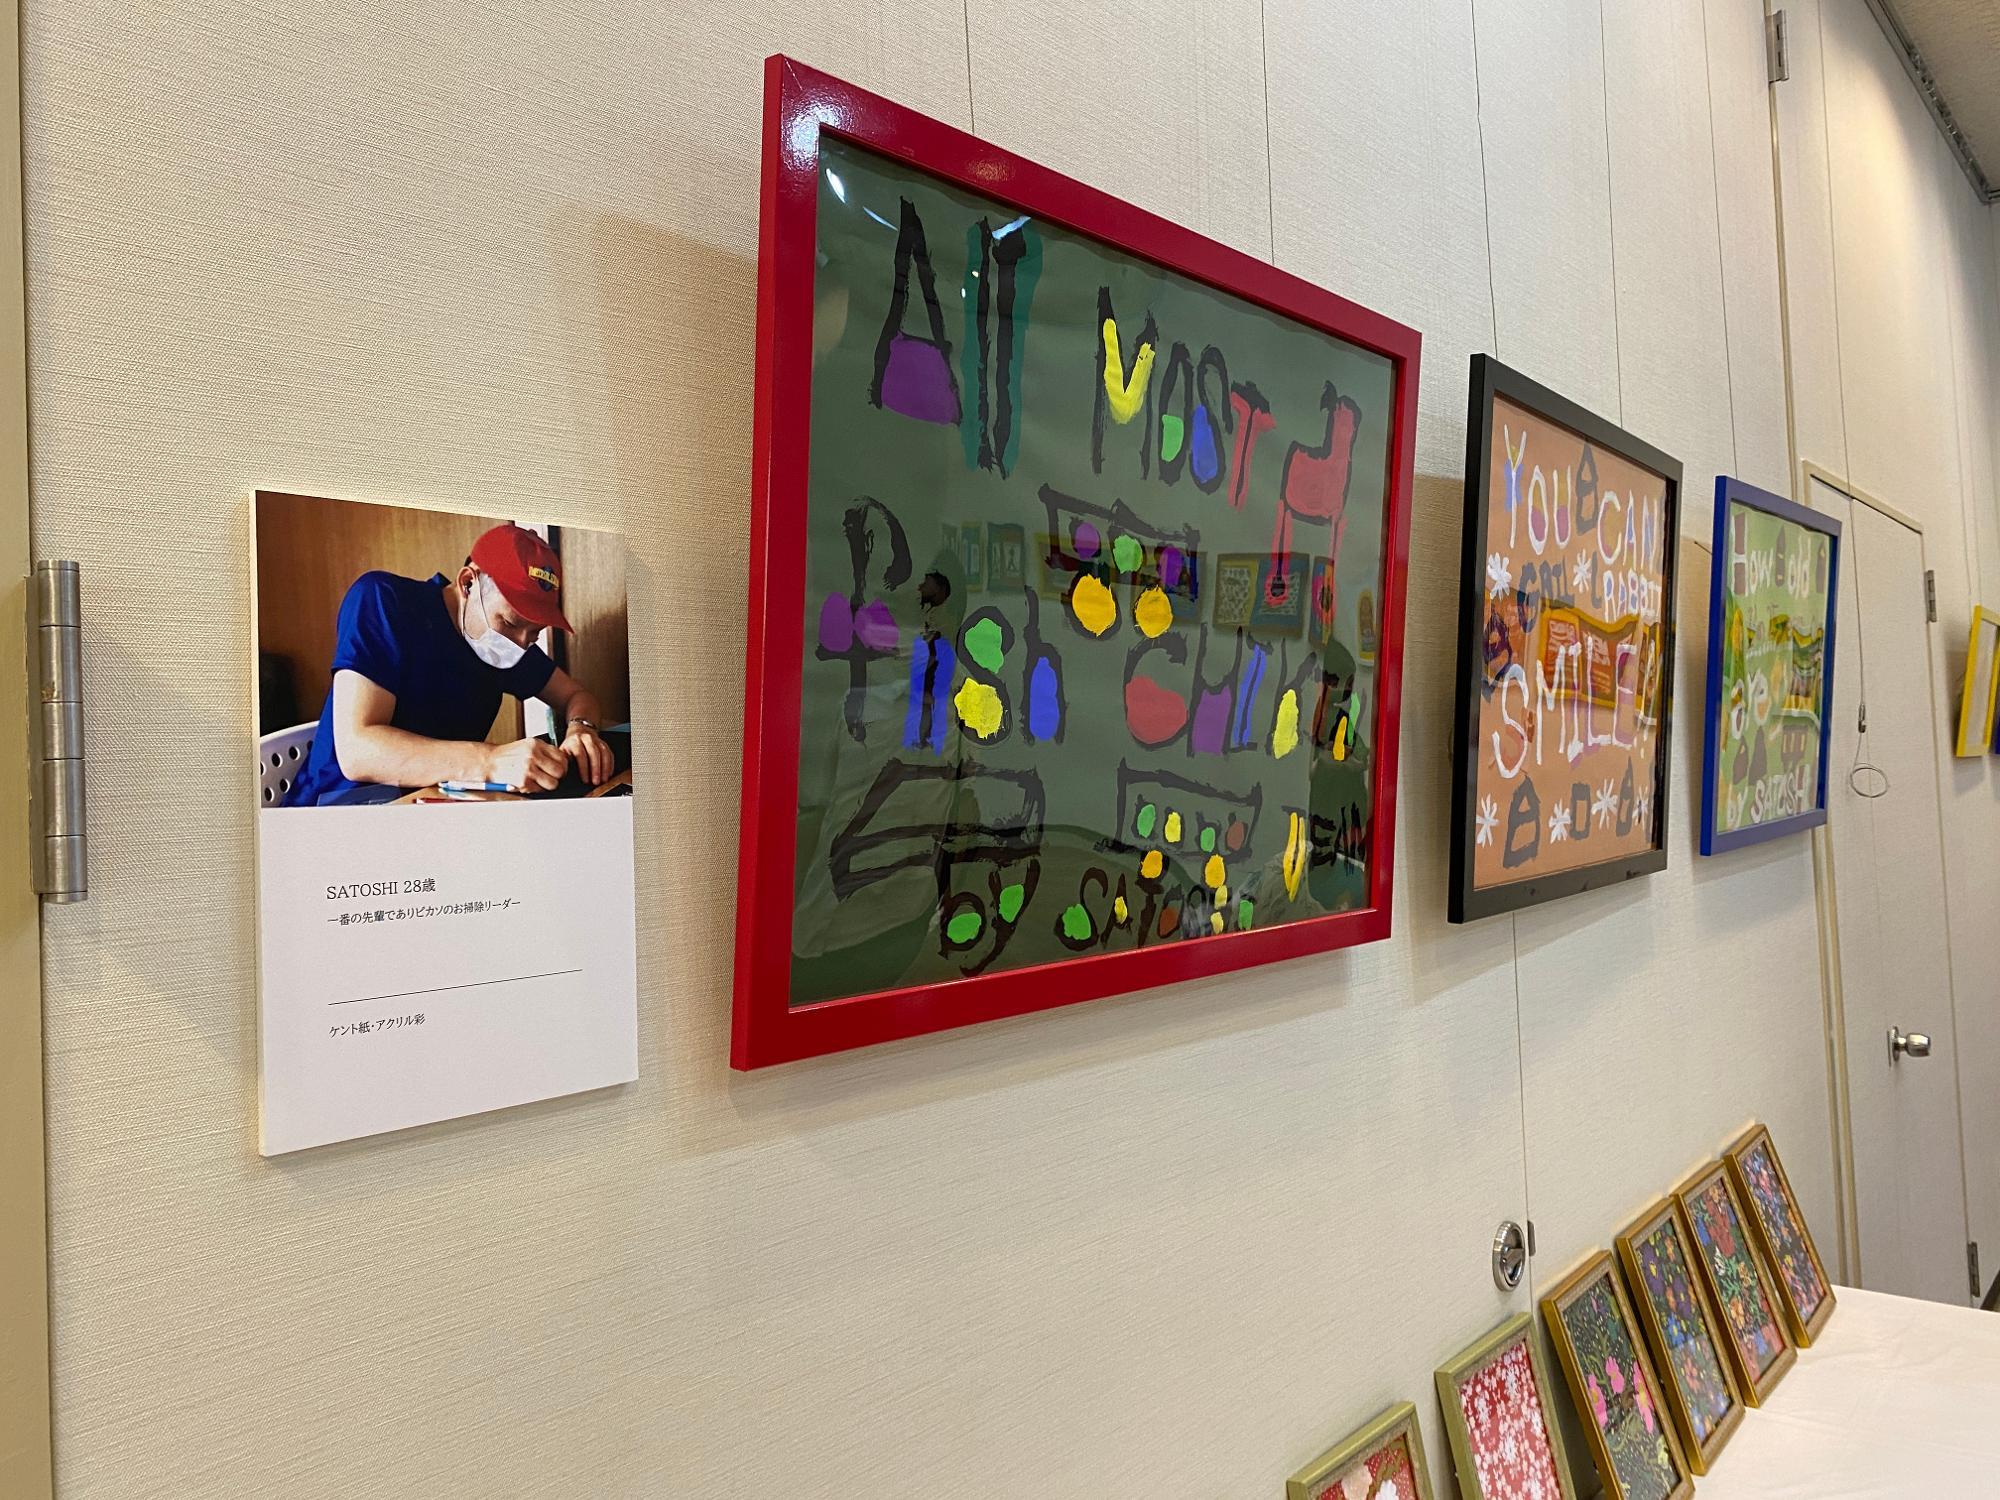 英語とアートの組み合わせがポップなSATOSHIさんの作品